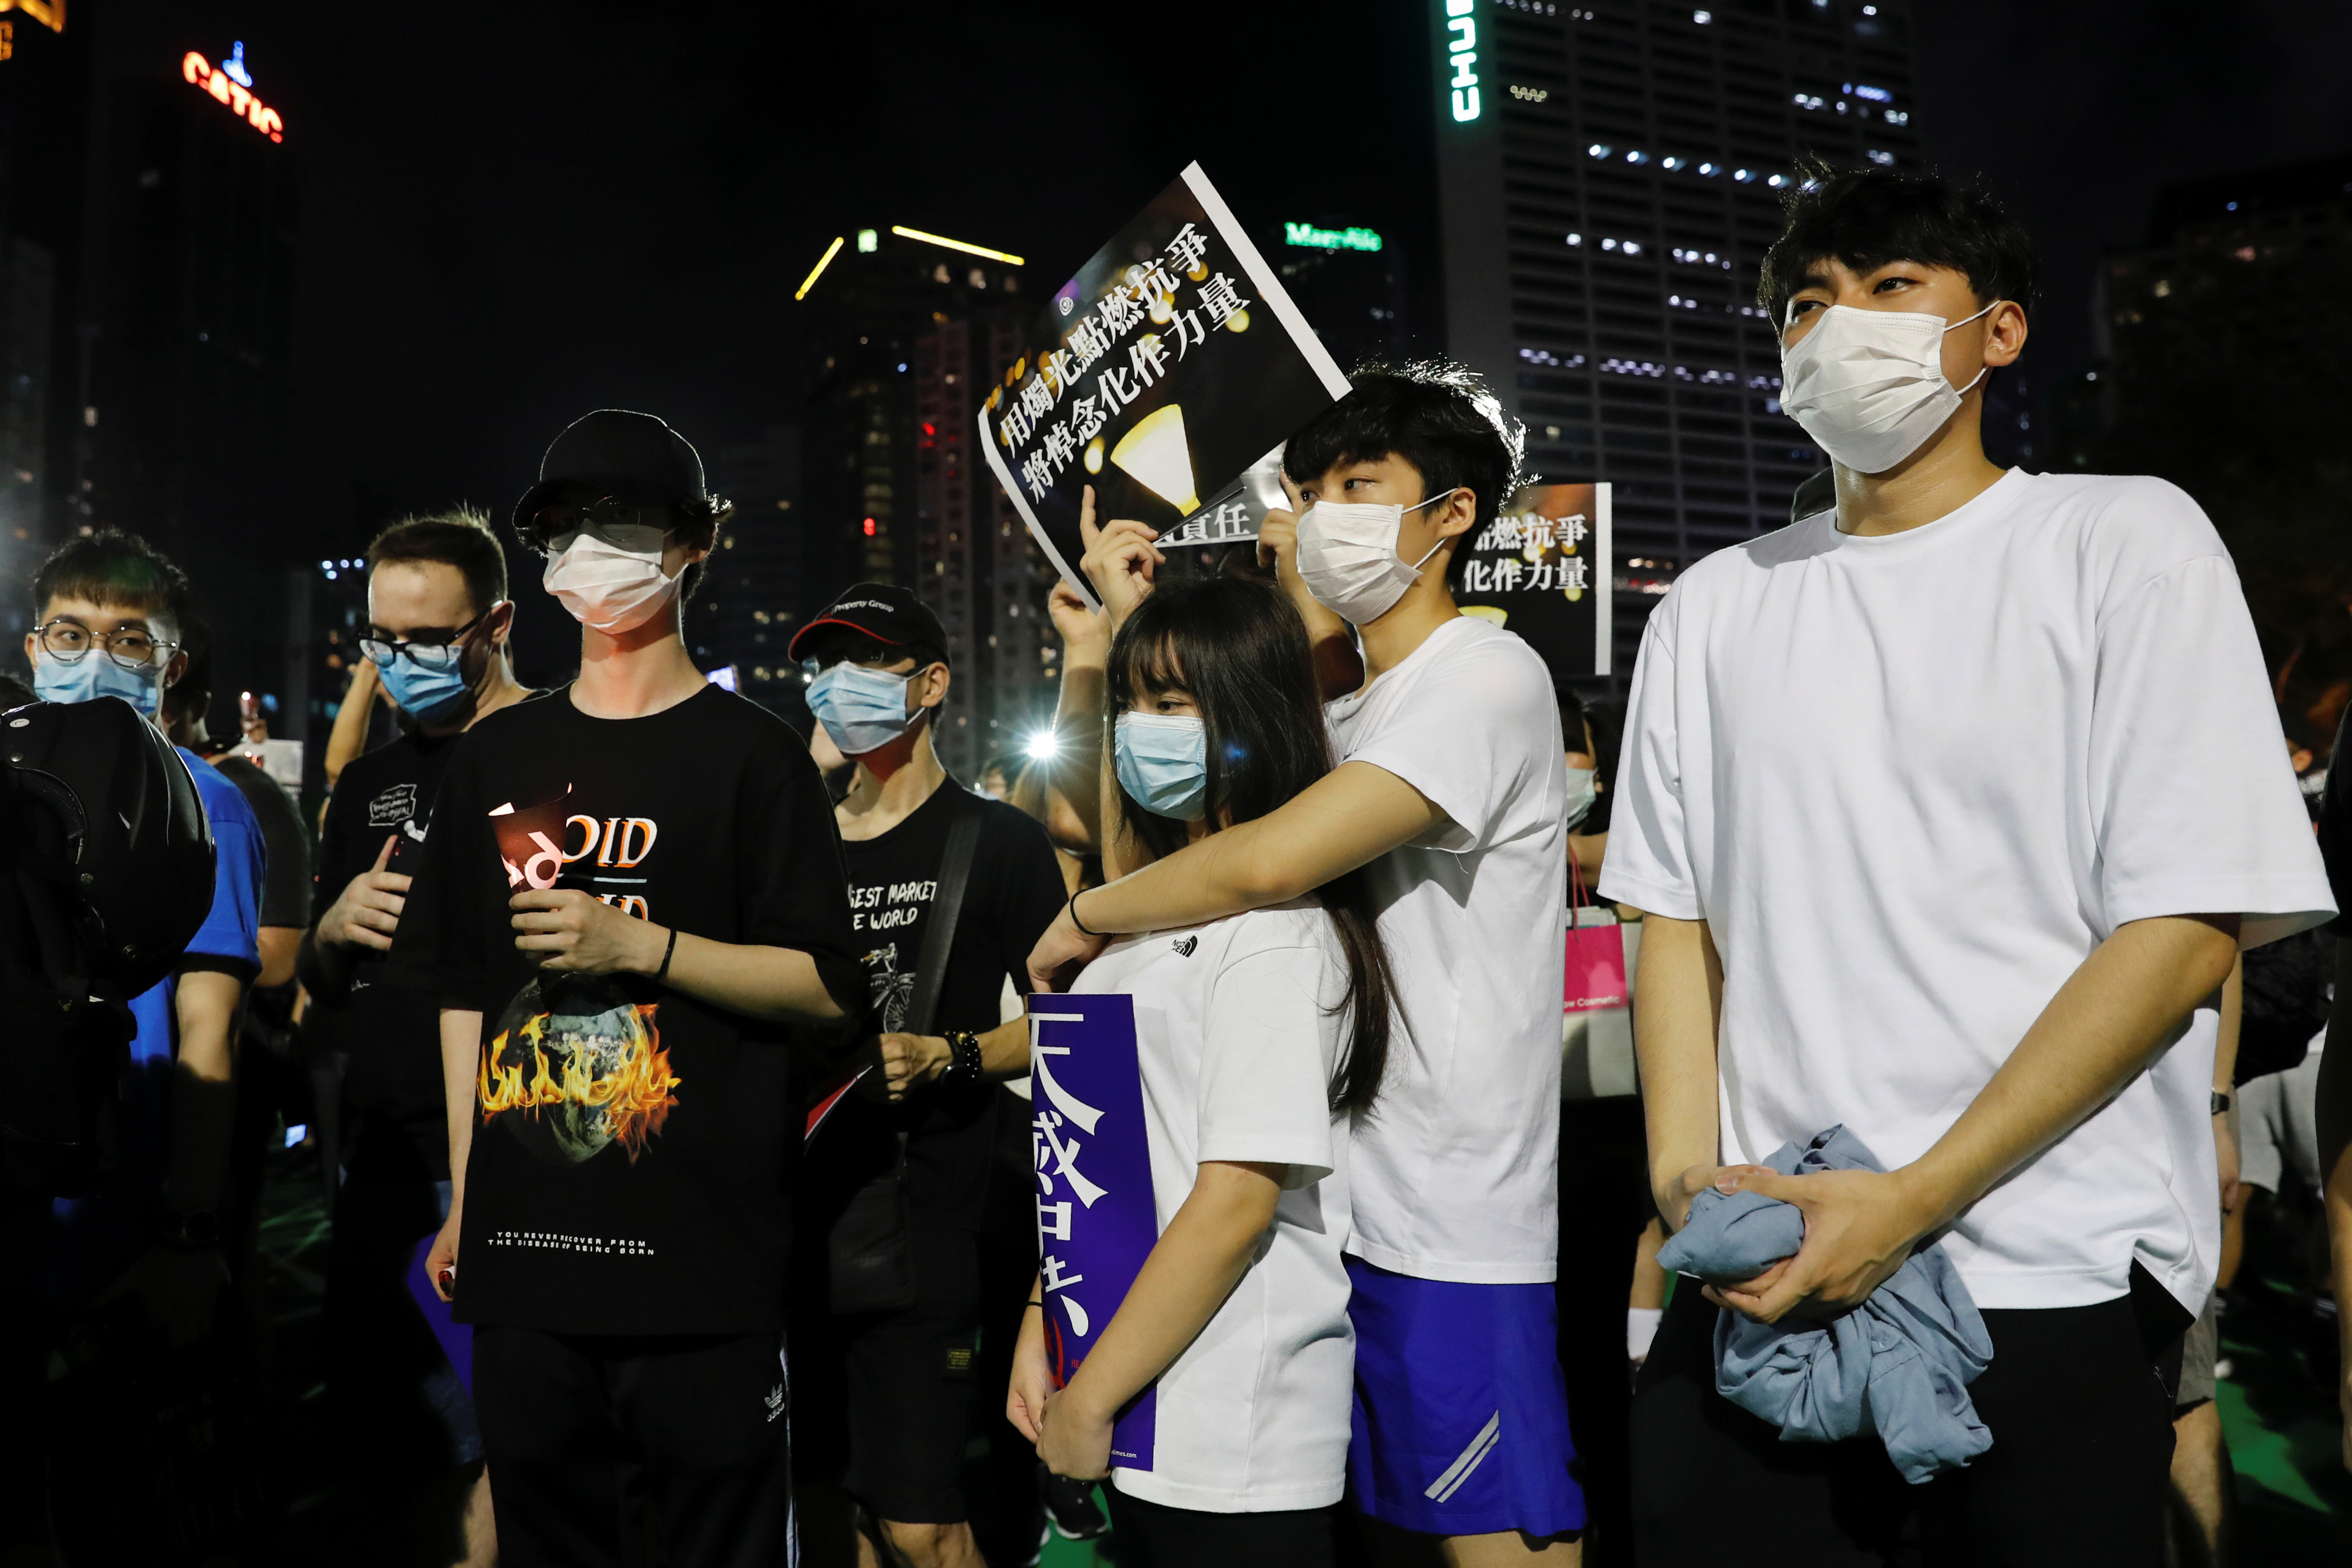 Ante una imponente presencia policial, los hongkoneses decidieron salir en grupos de menos de 8 personas para guardar la distancia de seguridad y evitar aglomeraciones, y encendieron en las calles velas compradas en puestos habilitados a tal efecto (REUTERS/Tyrone Siu)